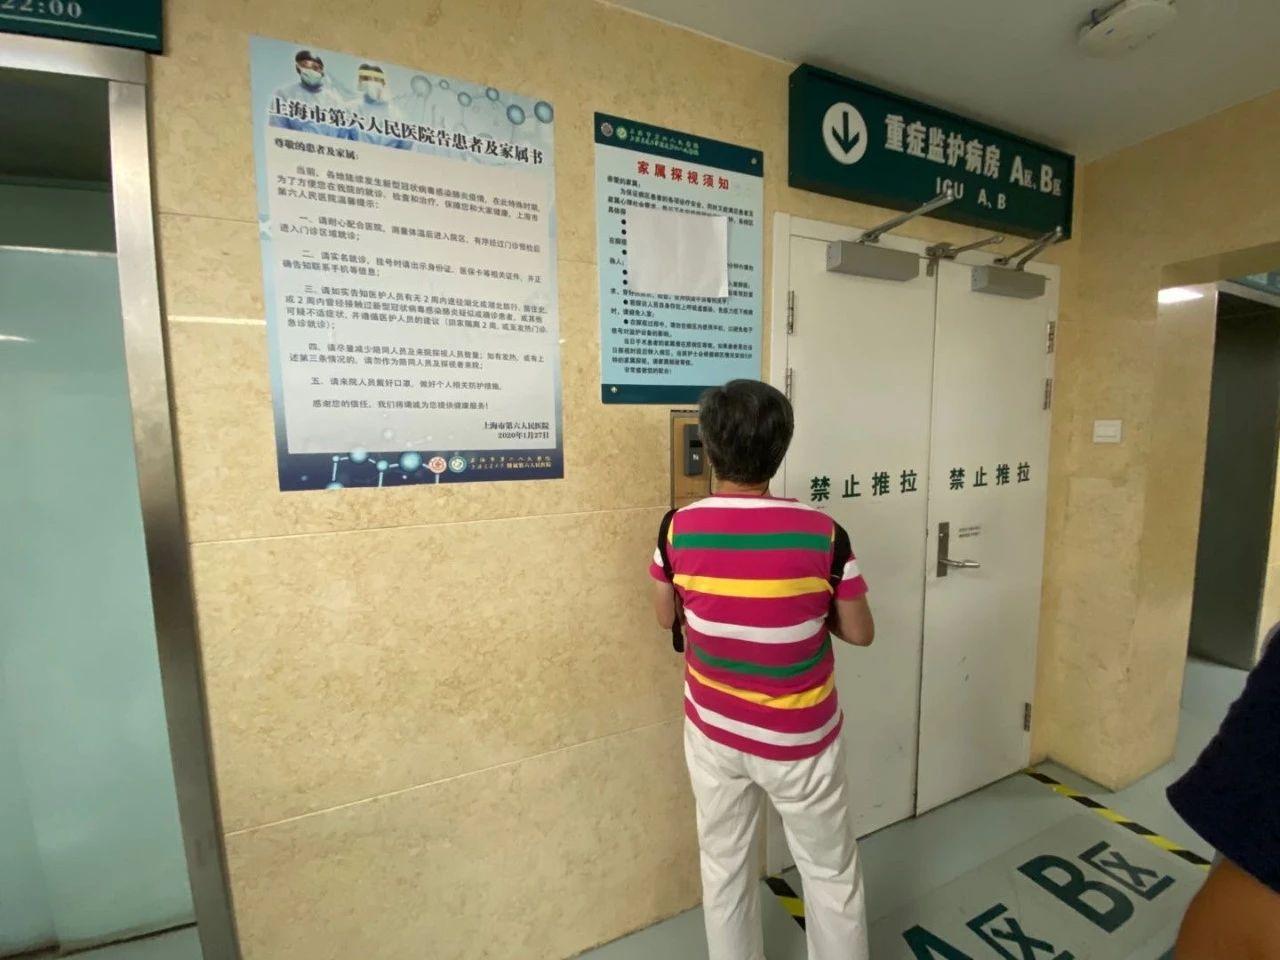 胖先生8月进行袖状胃切除术后,医生预计一年到一年半后他的体重将重回300斤以内。新京报记者杜雯雯 摄